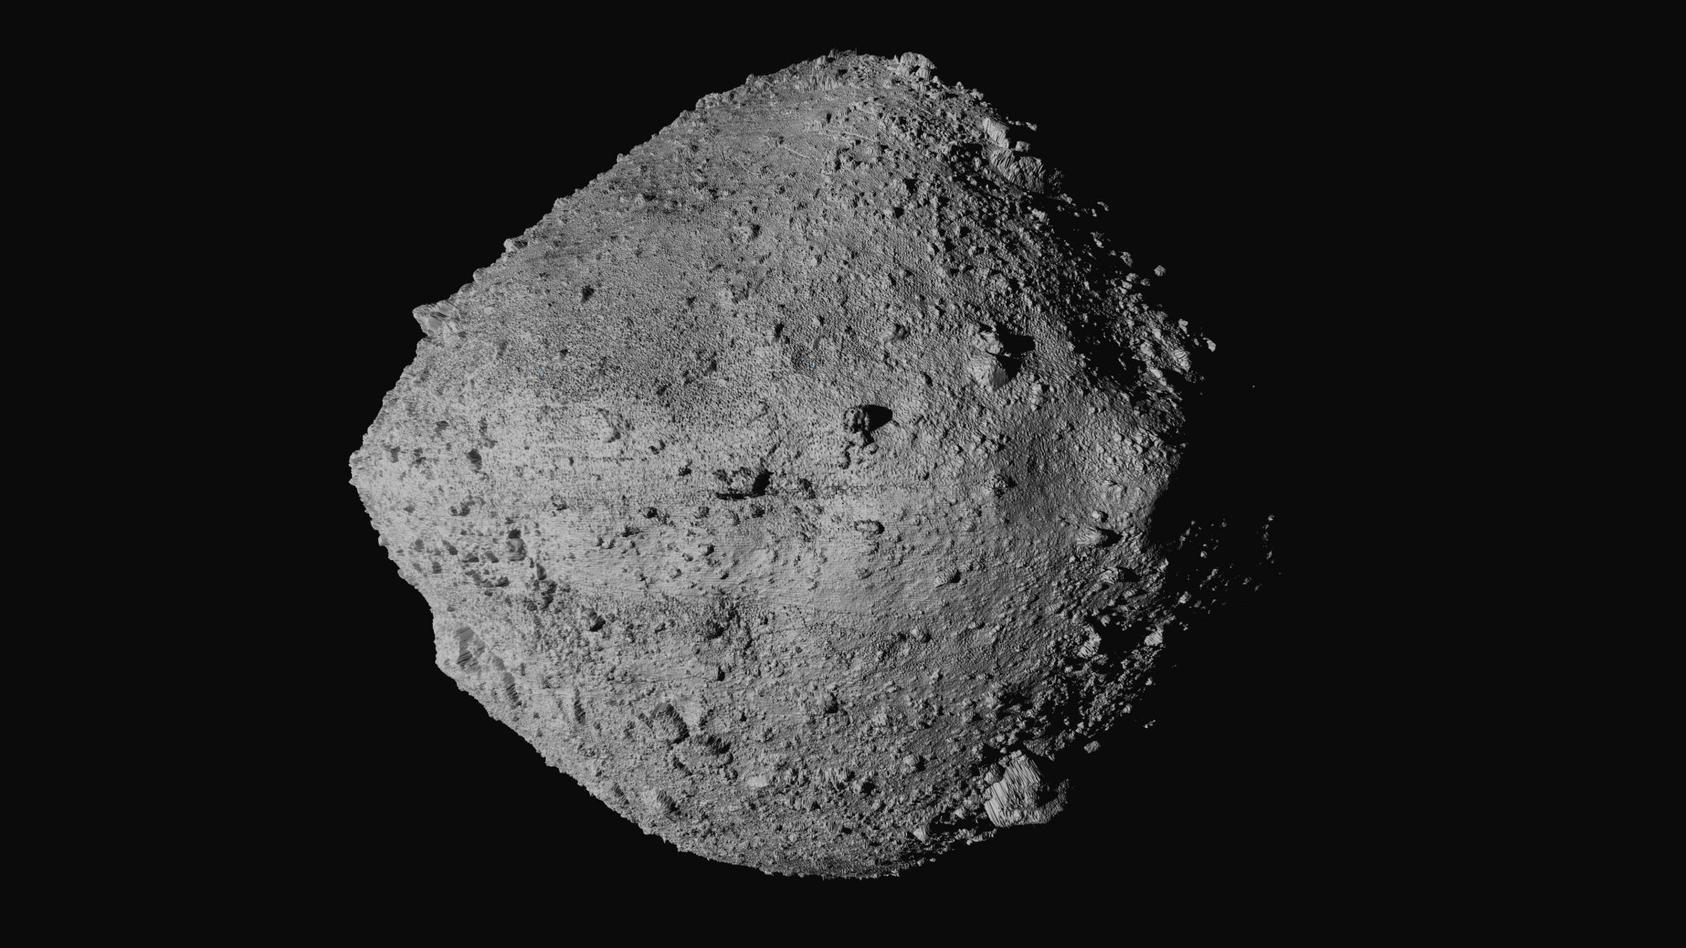 Der Asteroid Bennu könnte die Erde treffen und die Infrastruktur beschädigen.